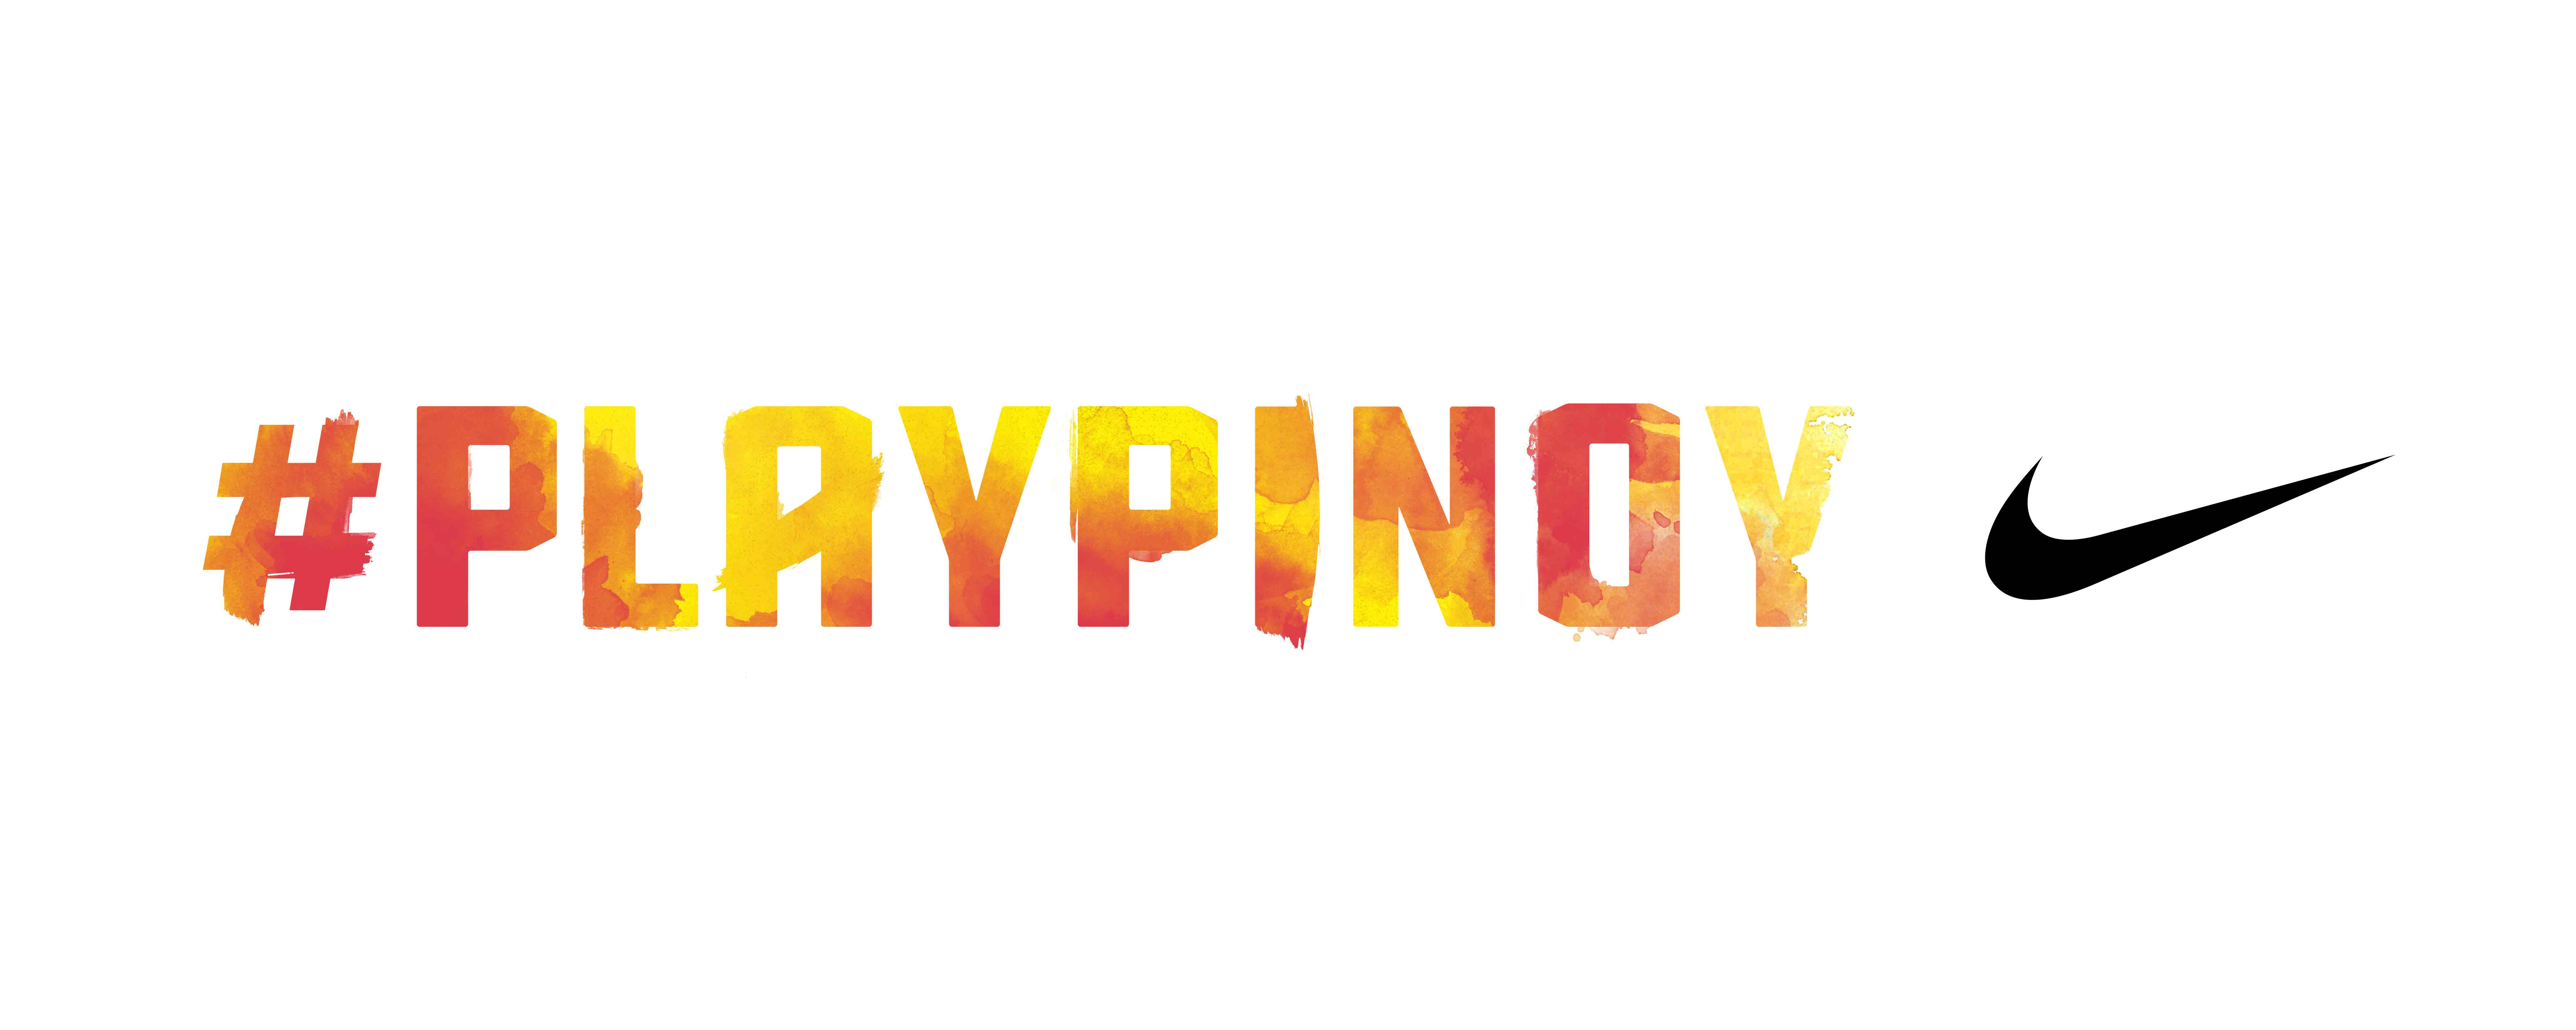 Nike-Playpinoy-Logo-horizontal-Red